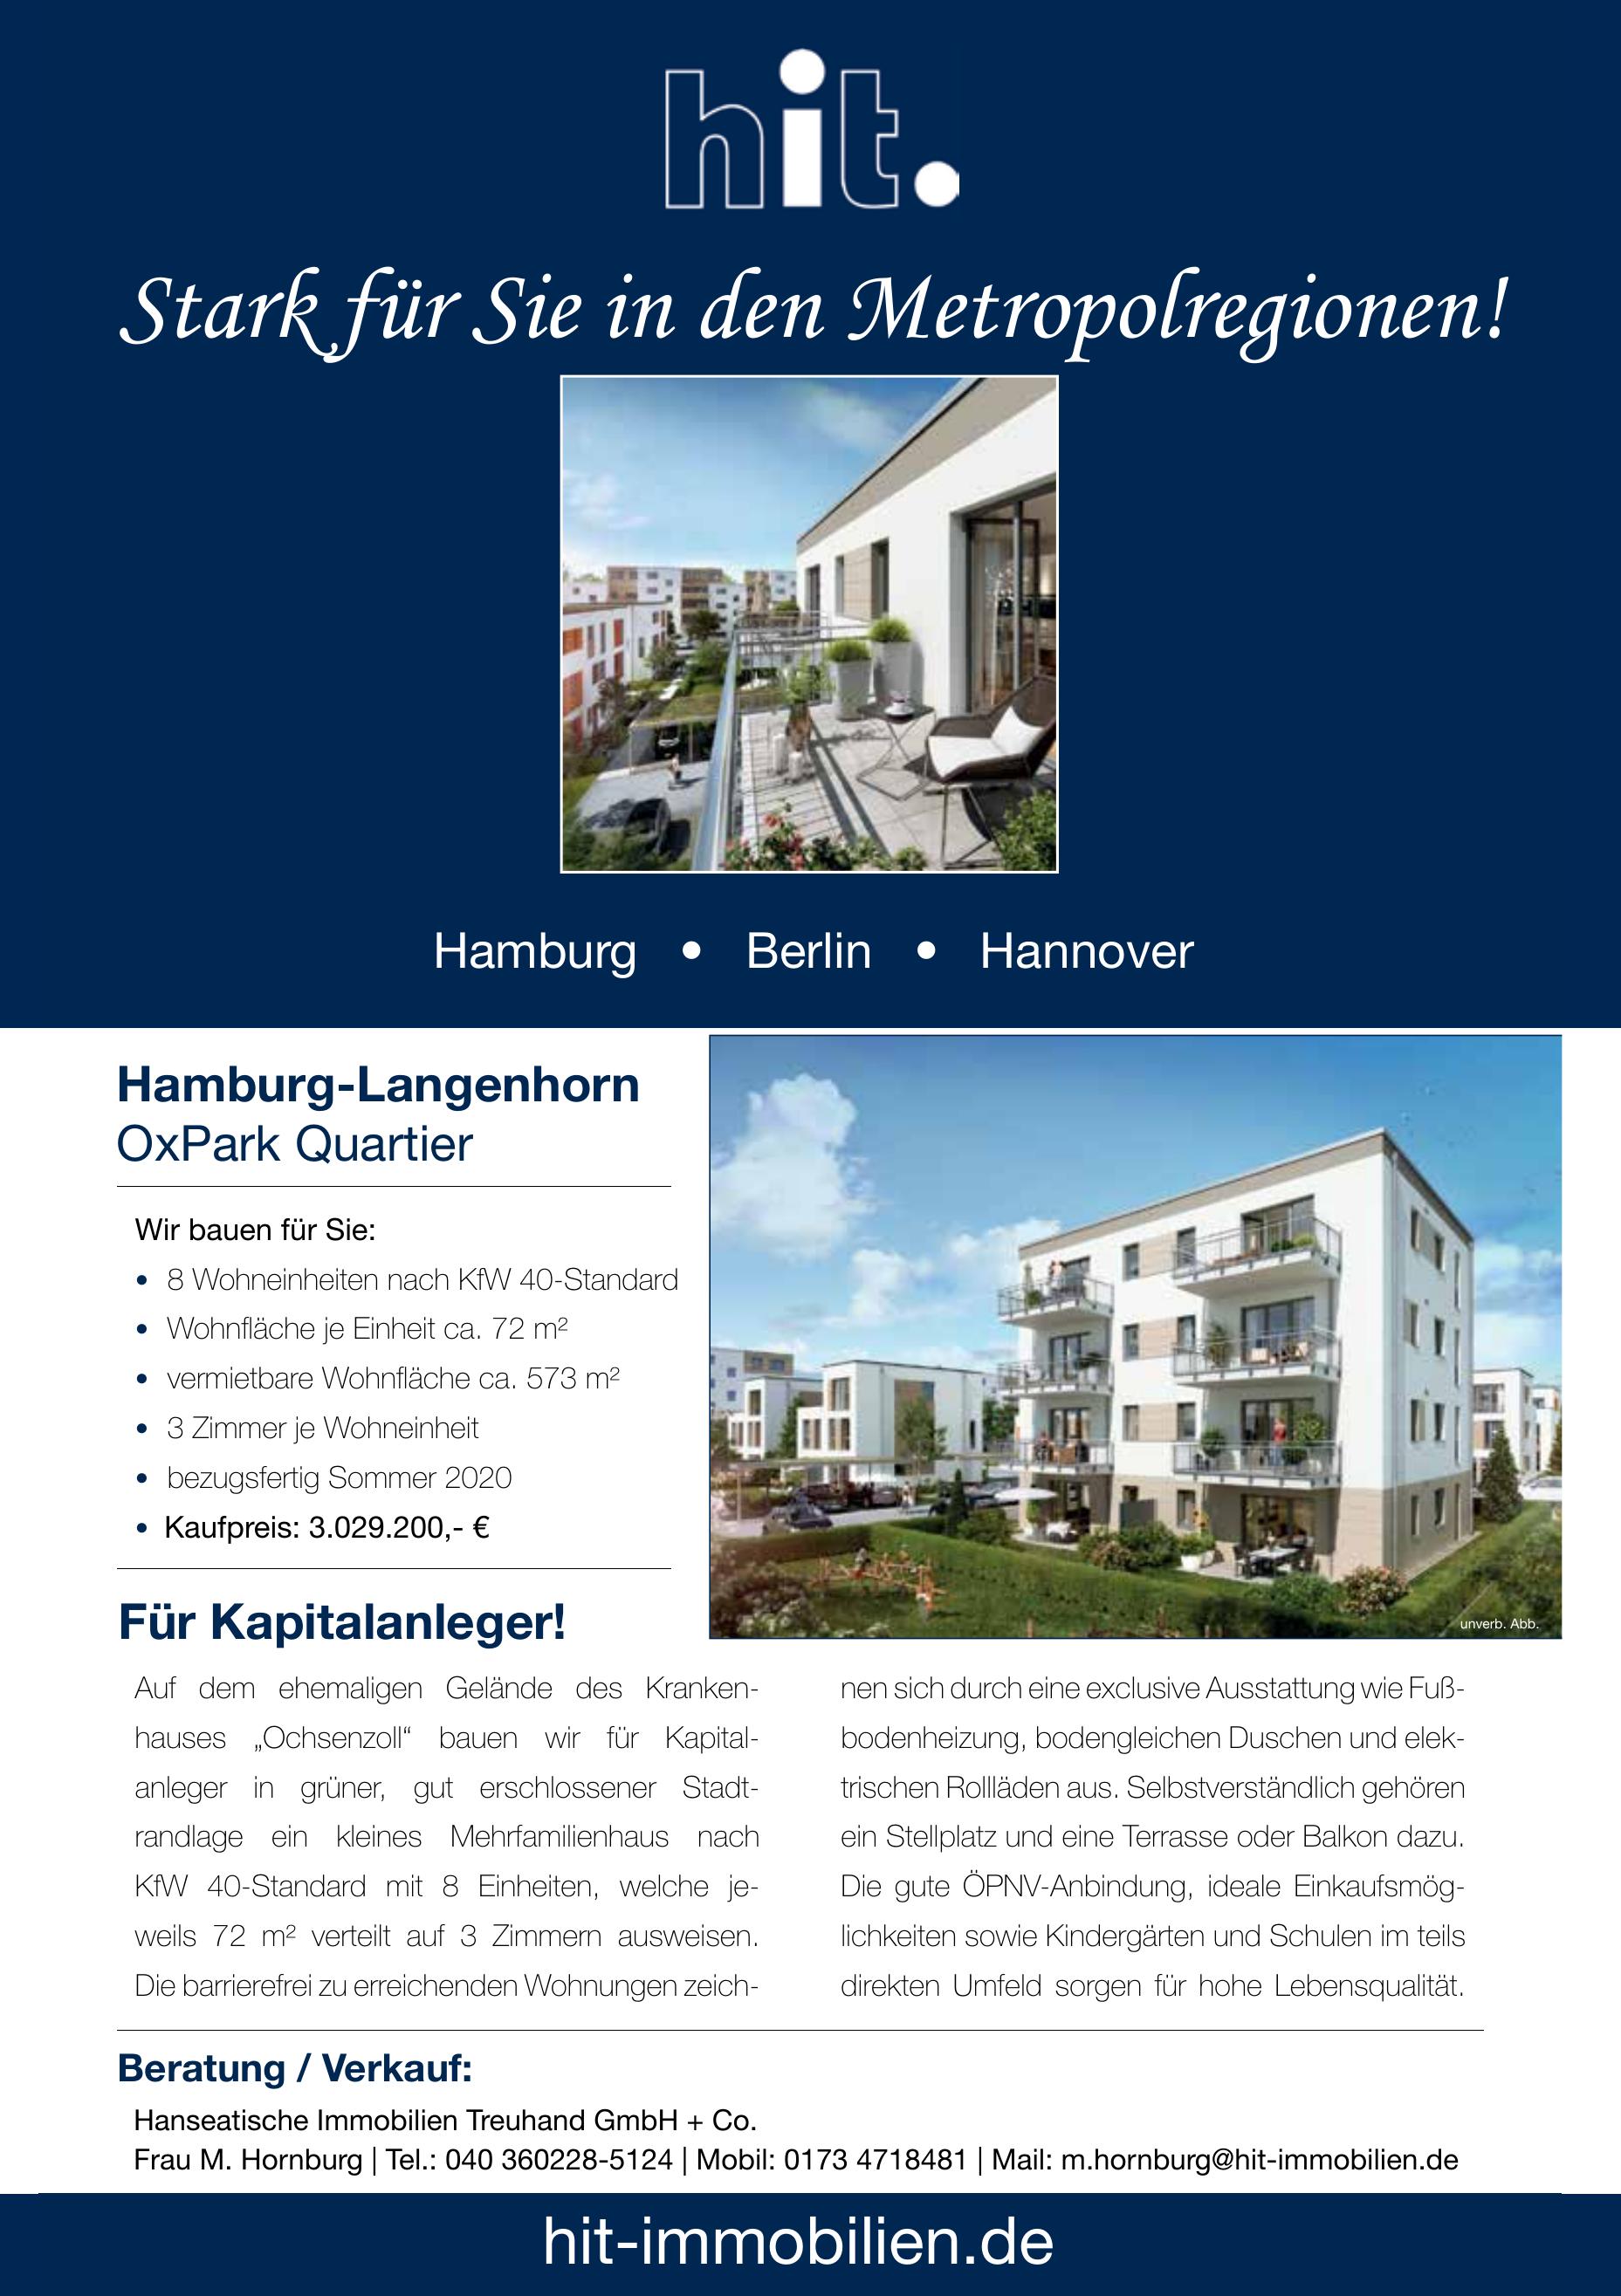 Hanseatische Immobilien Treuhand GmbH + Co.